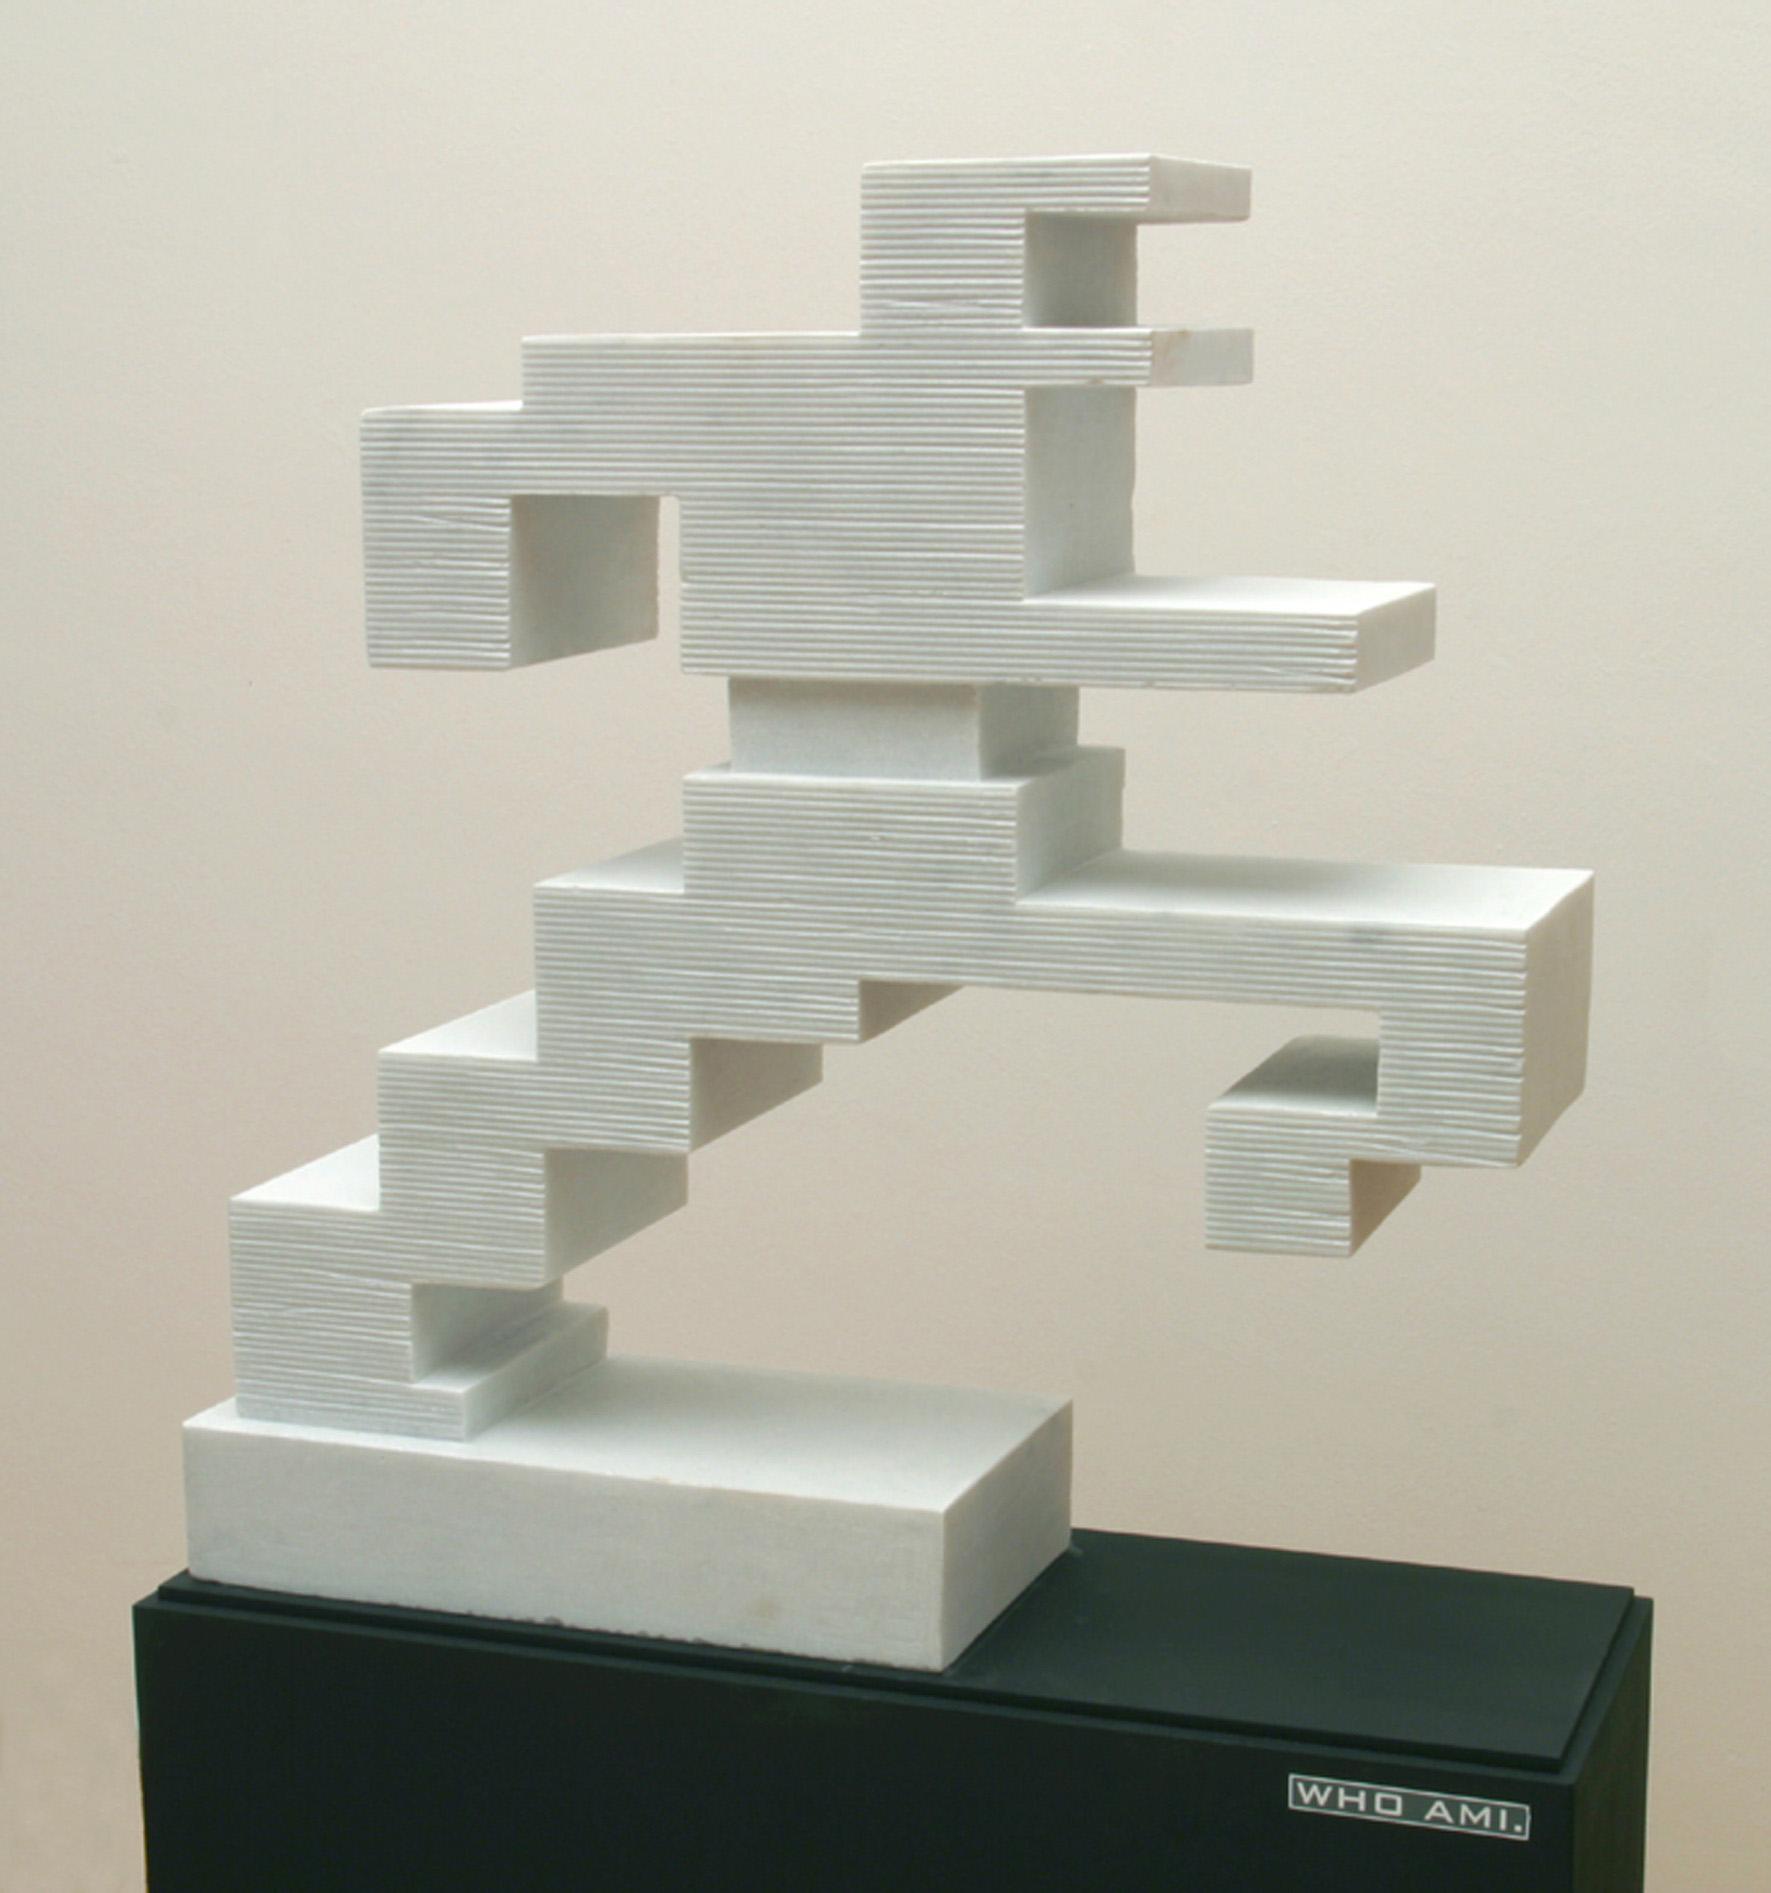 Michele Chiossi WHO AM I., 2002  marmo bianco statuario scultura uomo in corsa zigzag pixel videogame Boccioni Umberto tributo omaggio forme uniche della continuità nello spazio